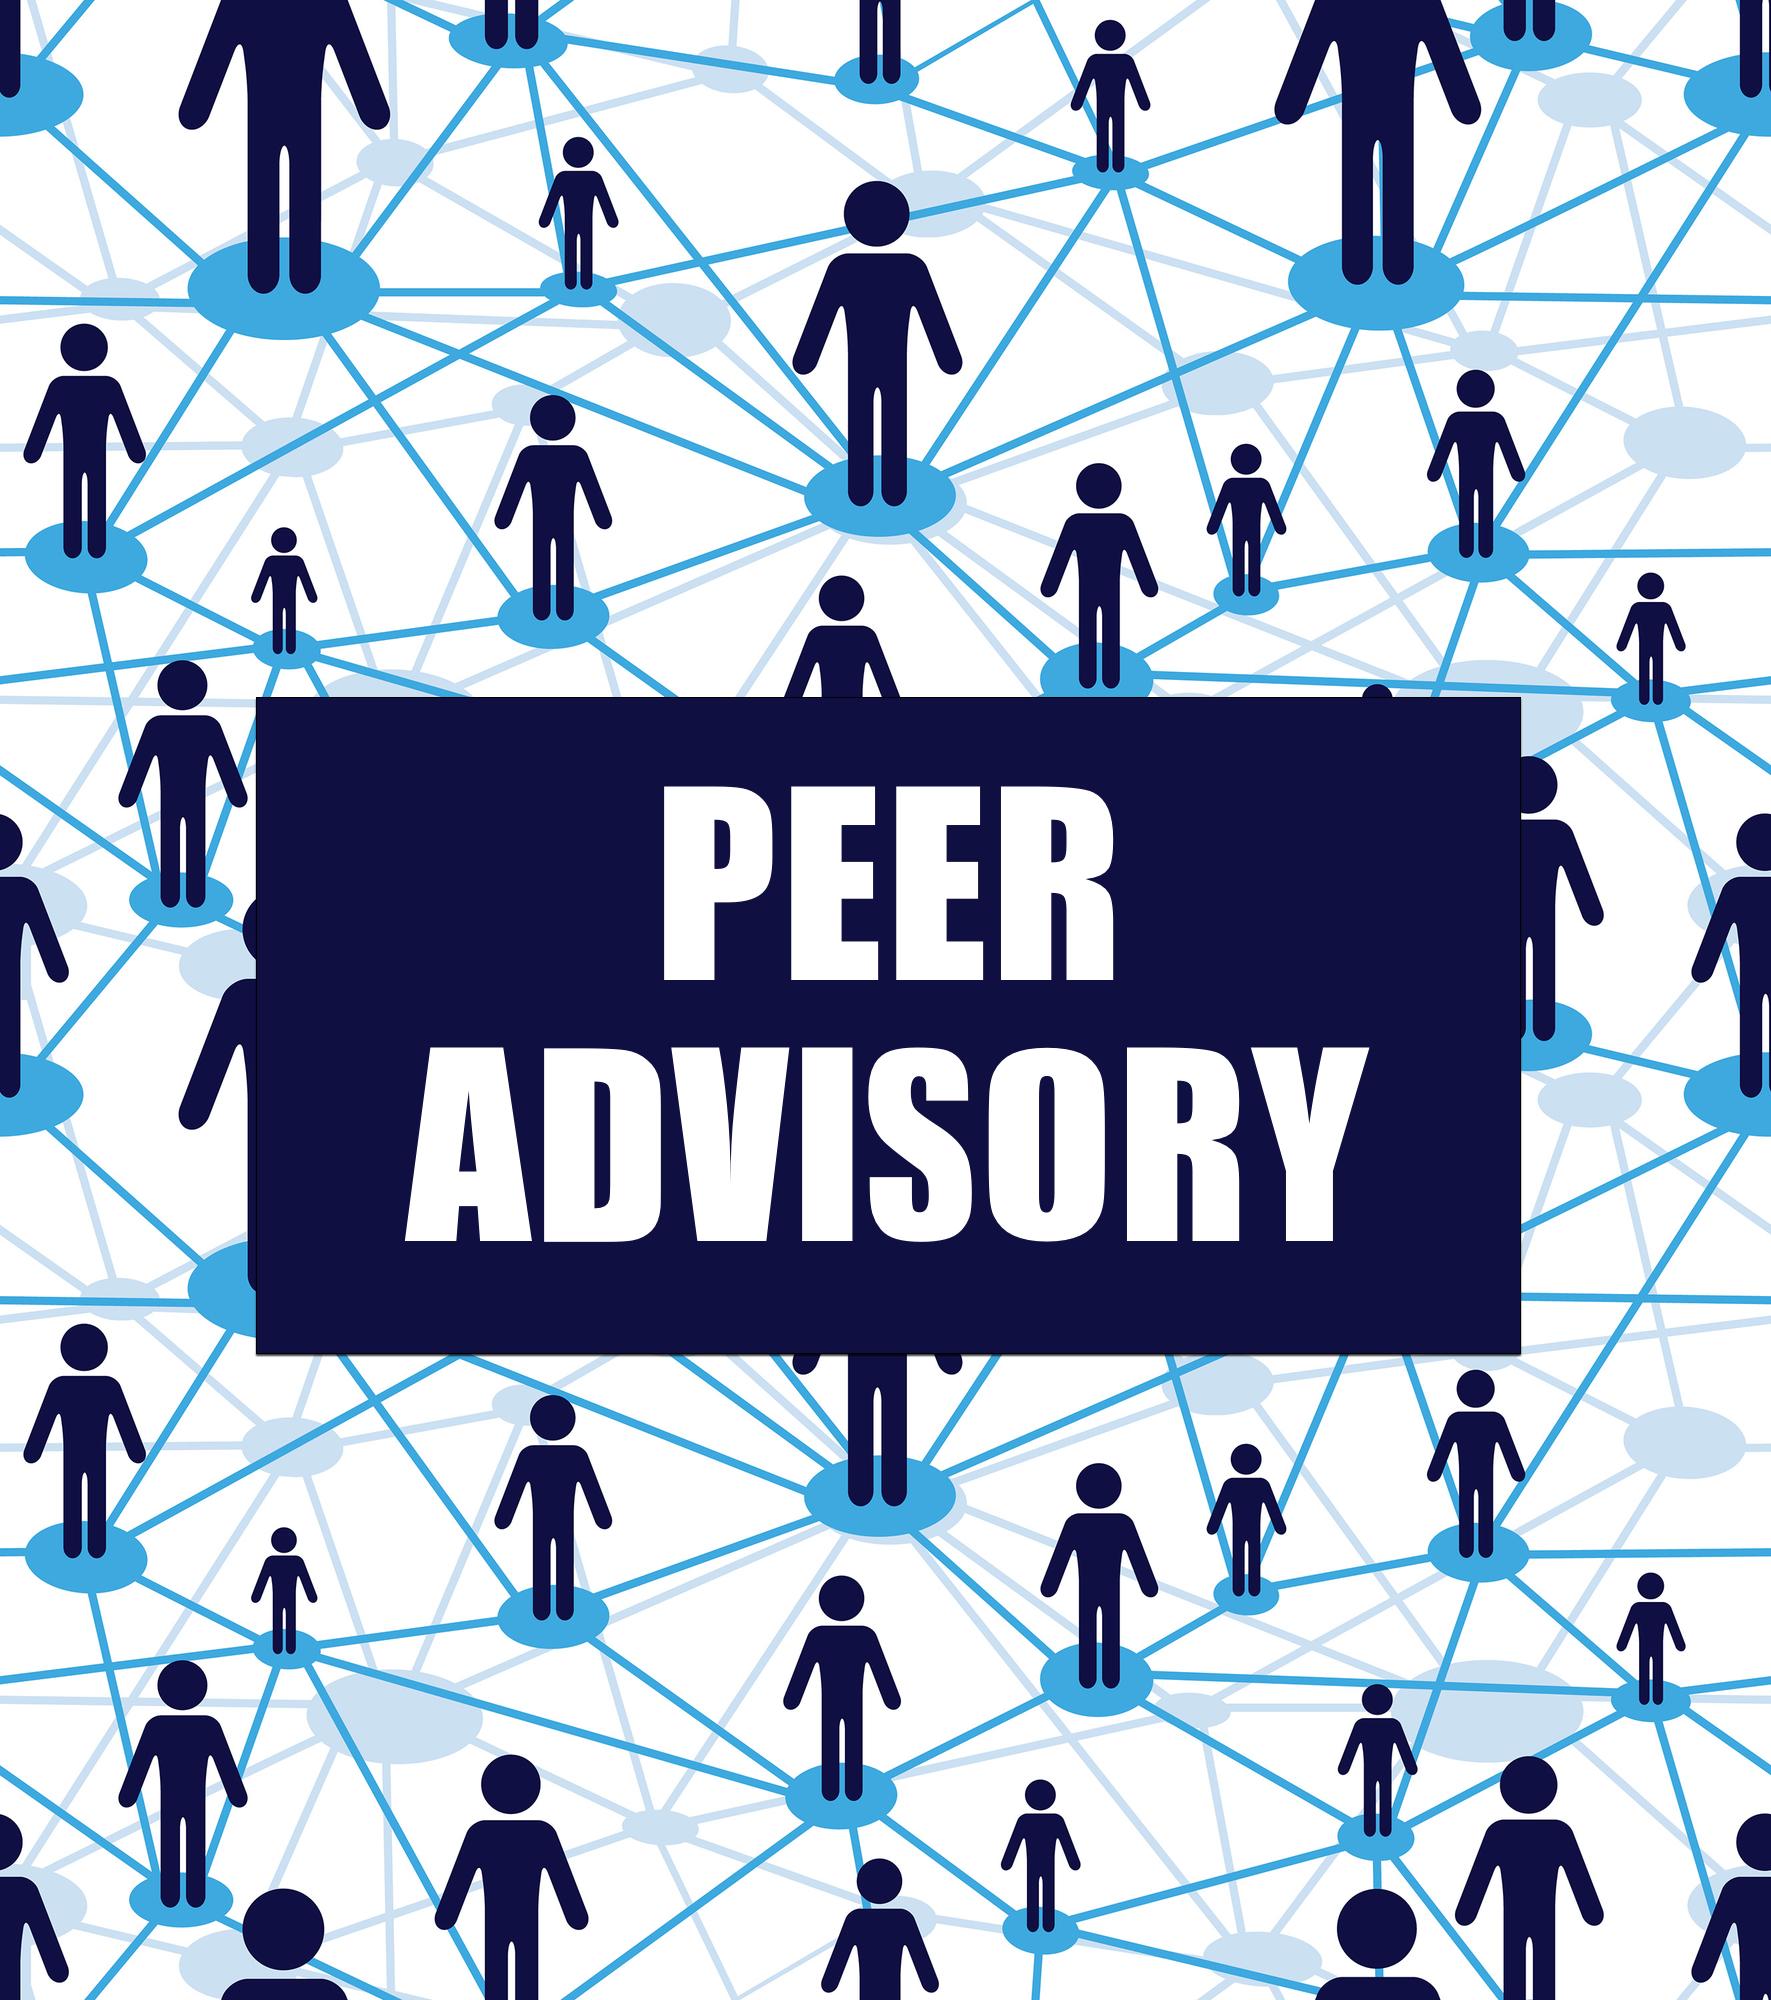 Peer Advisory